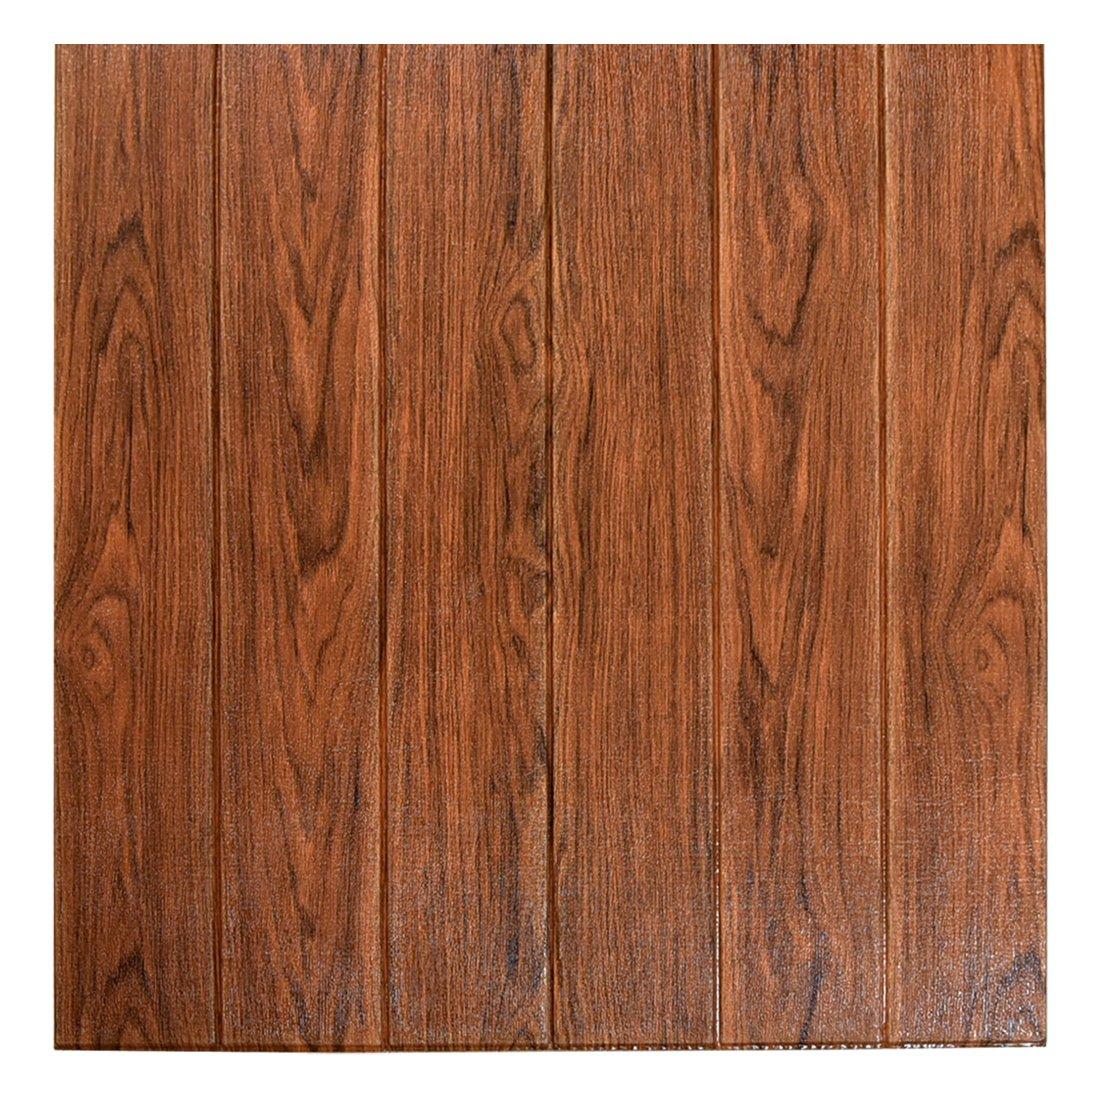 タンスのゲン 木目調 壁紙シール [ 24枚セット ] 68×68cm クッションシート 厚み0.5cm 防音 カット可能 DIY ウォールステッカー グレー 18700067 01 B07DK5GV3W 24枚セット|グレー(木目調) グレー(木目調) 24枚セット